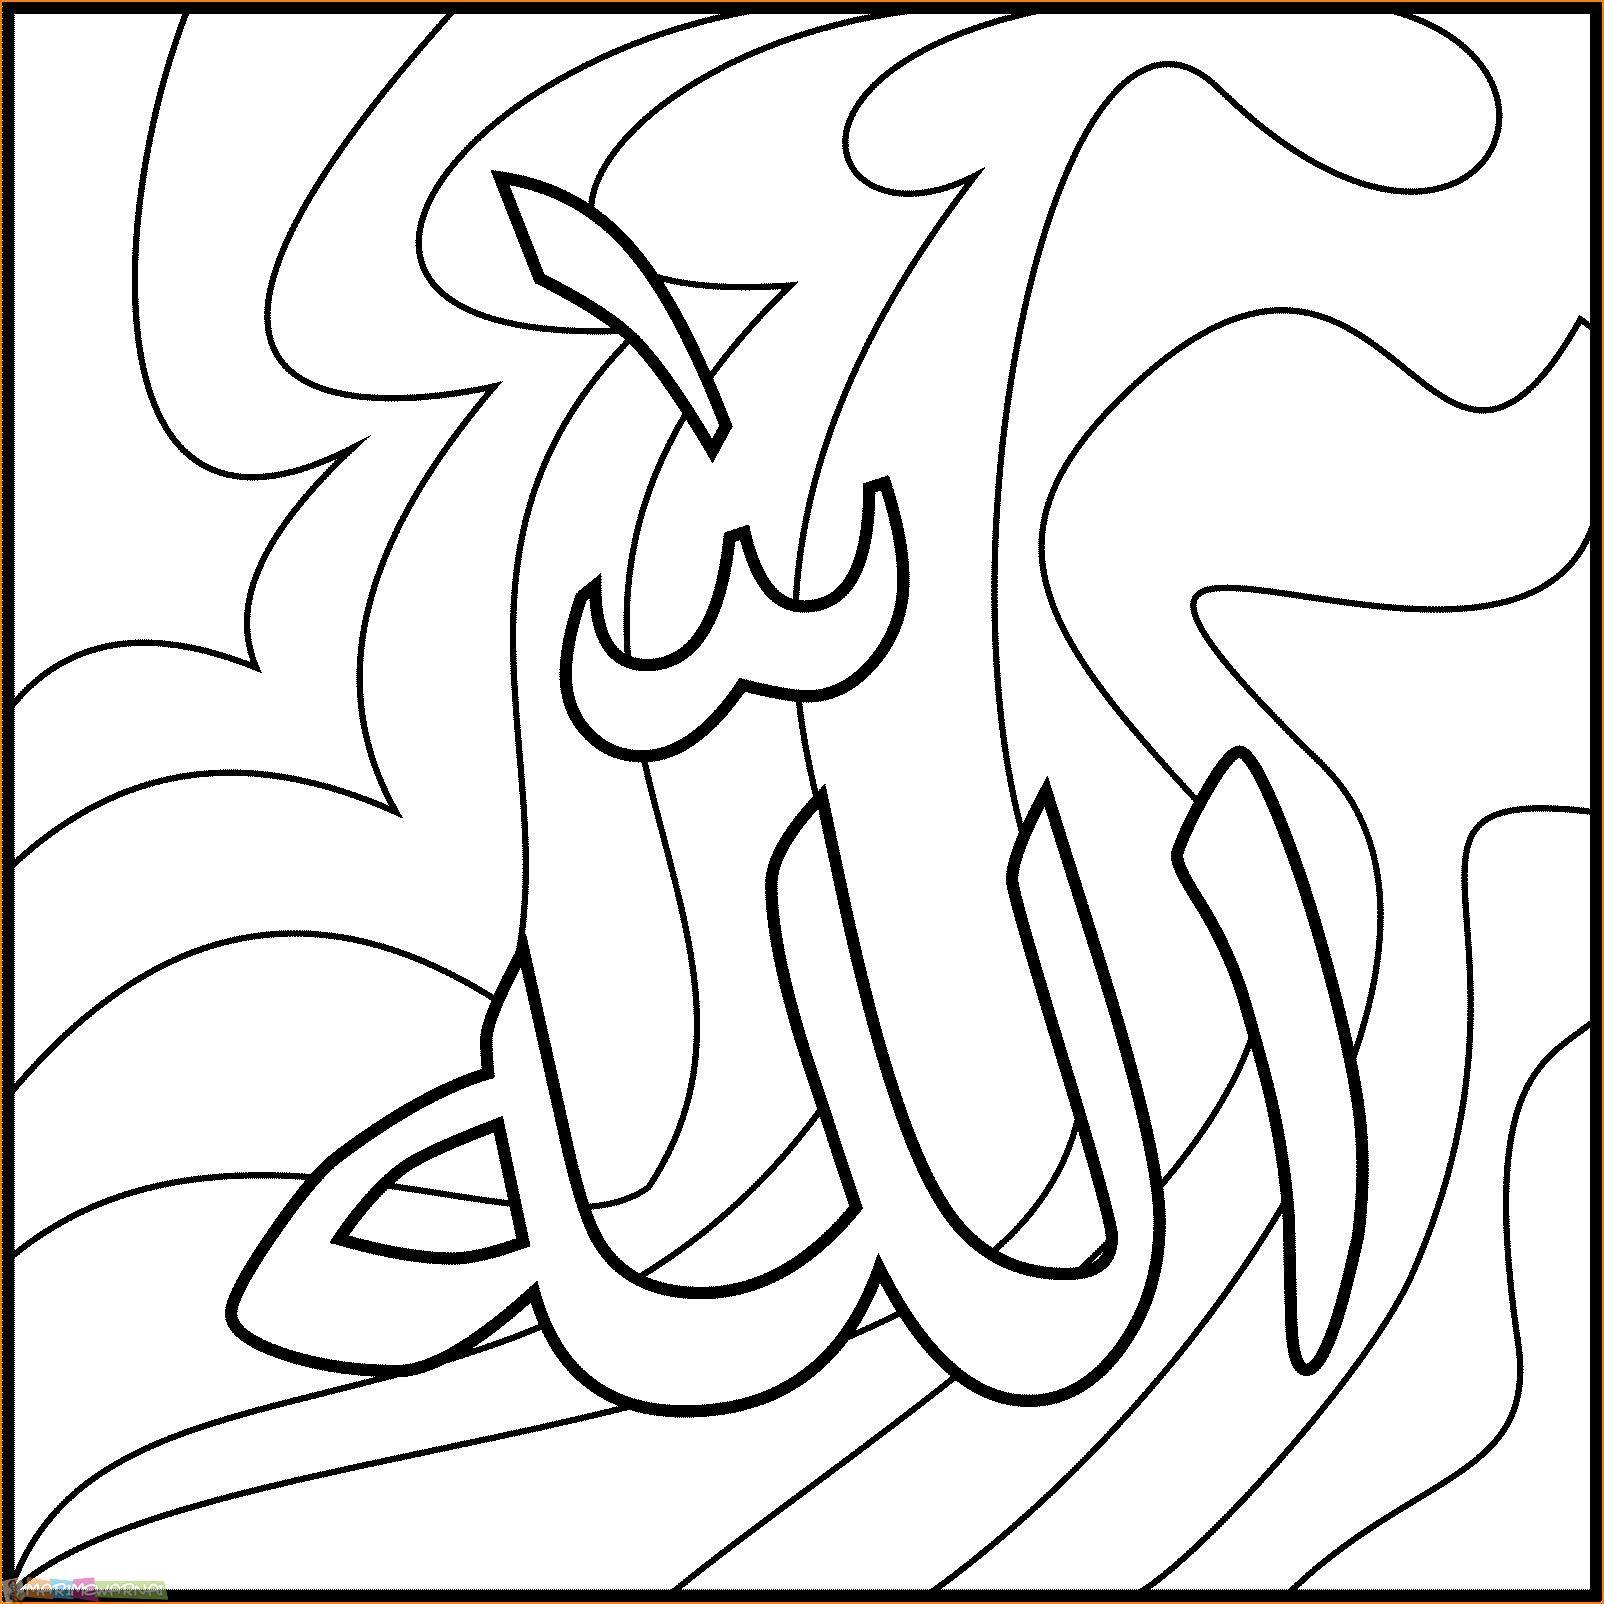 Gambar Mewarnai Kaligrafi 02 MariMewarnai